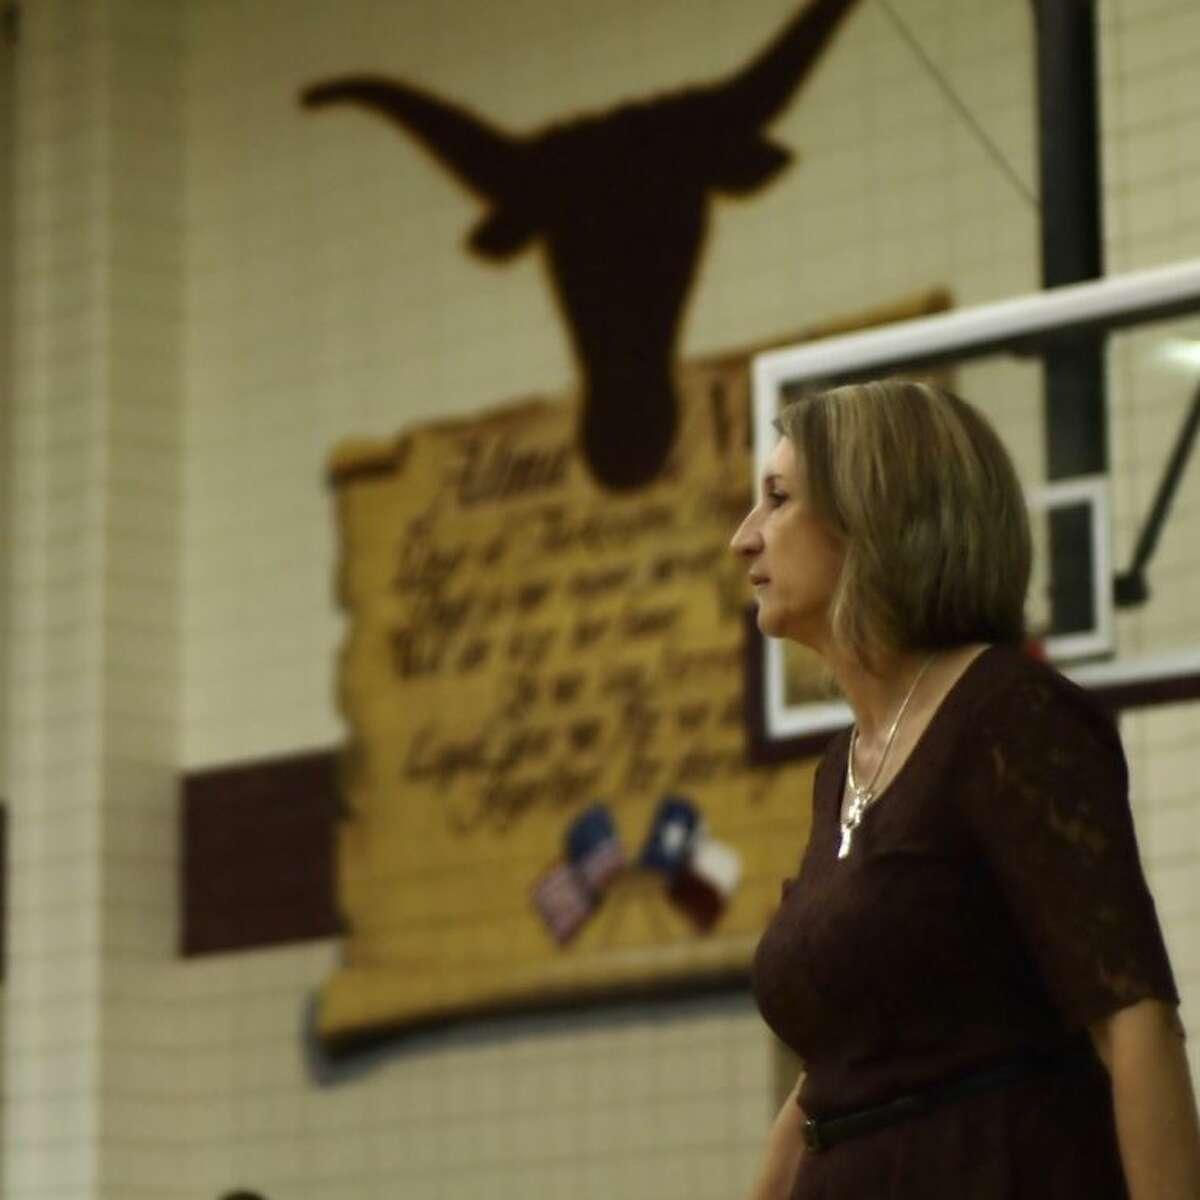 Tarkington volleyball coach Denise Johnson.